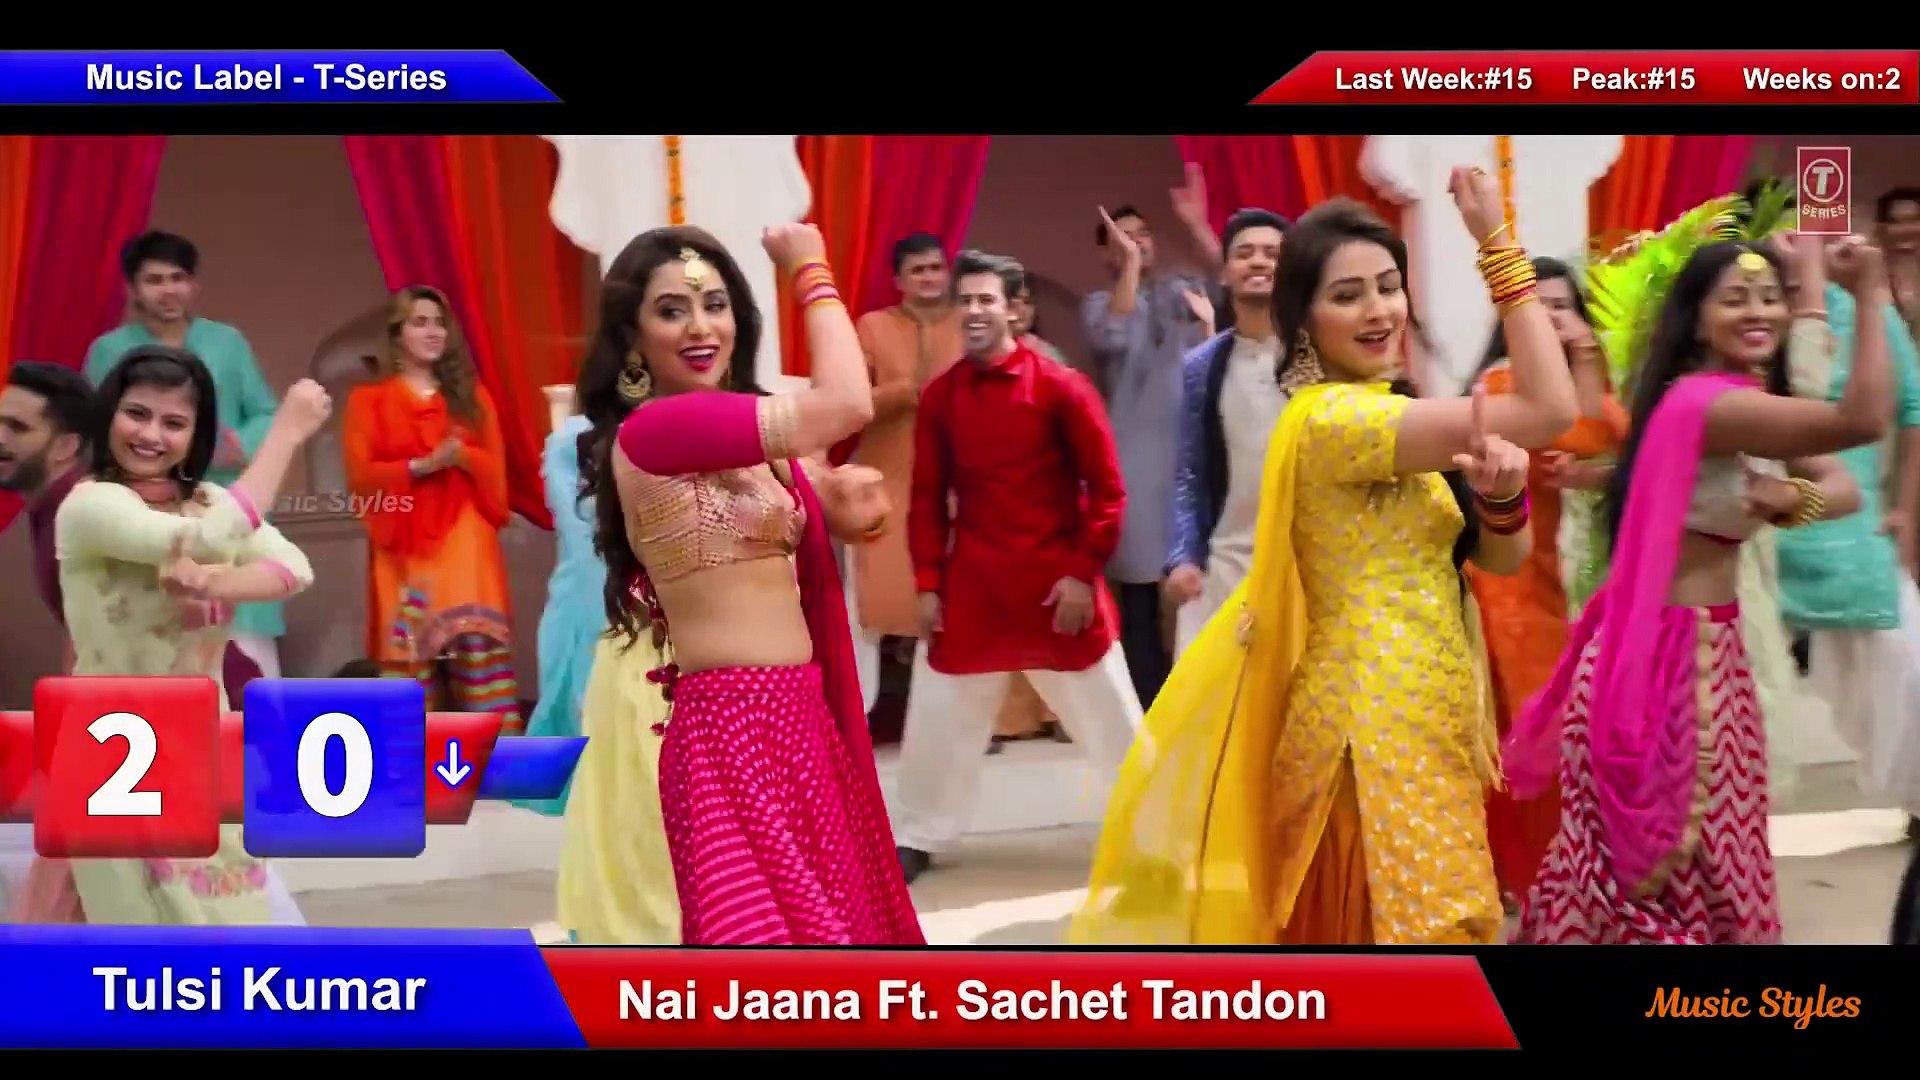 Top 20 Songs This Week HindiPunjabi Songs 2019 (November 2) Latest Bollywood Songs 2019